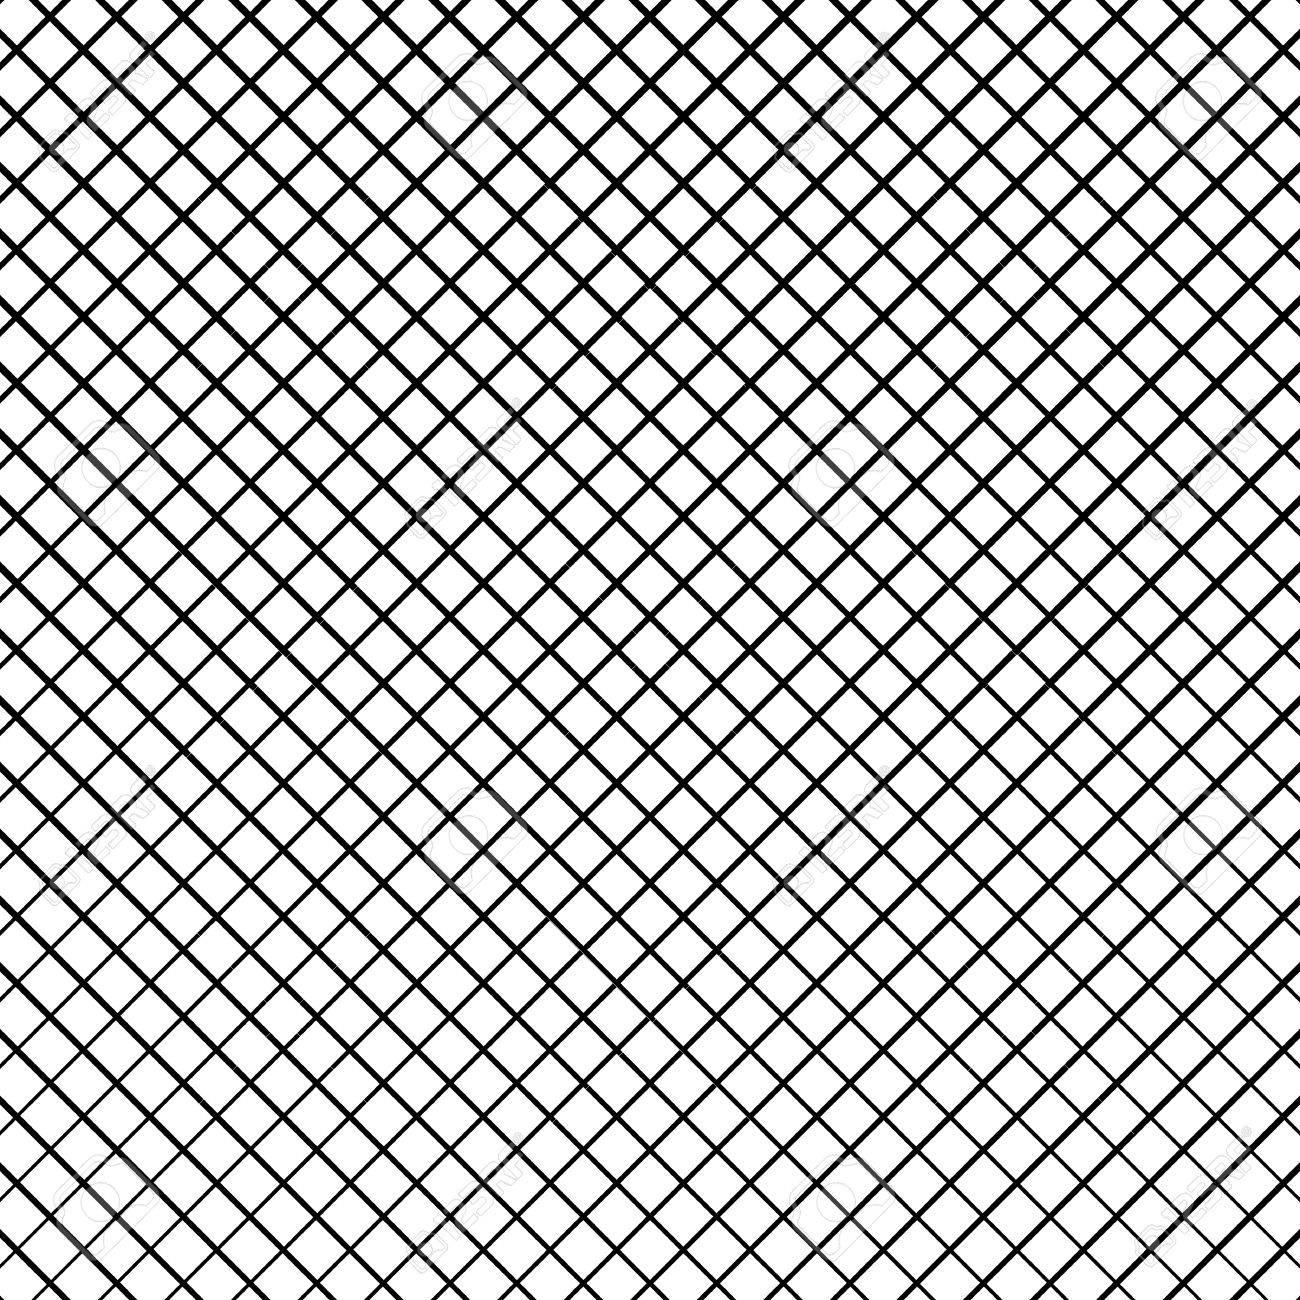 1300x1300 Grid, Lattice, Grill Regular Straight Lines Geometric Pattern